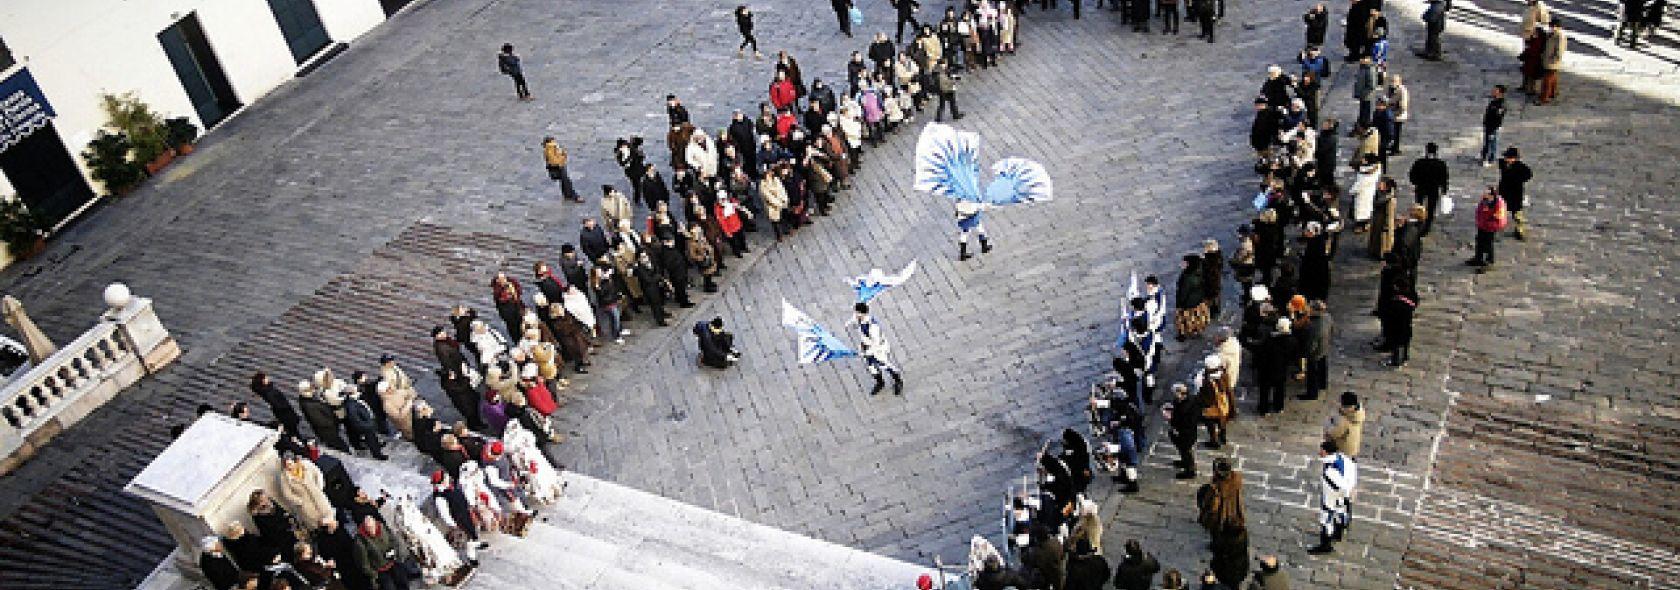 Il Confeugo - 2010 - foto: Rinaldi - ©genovacittadigitale